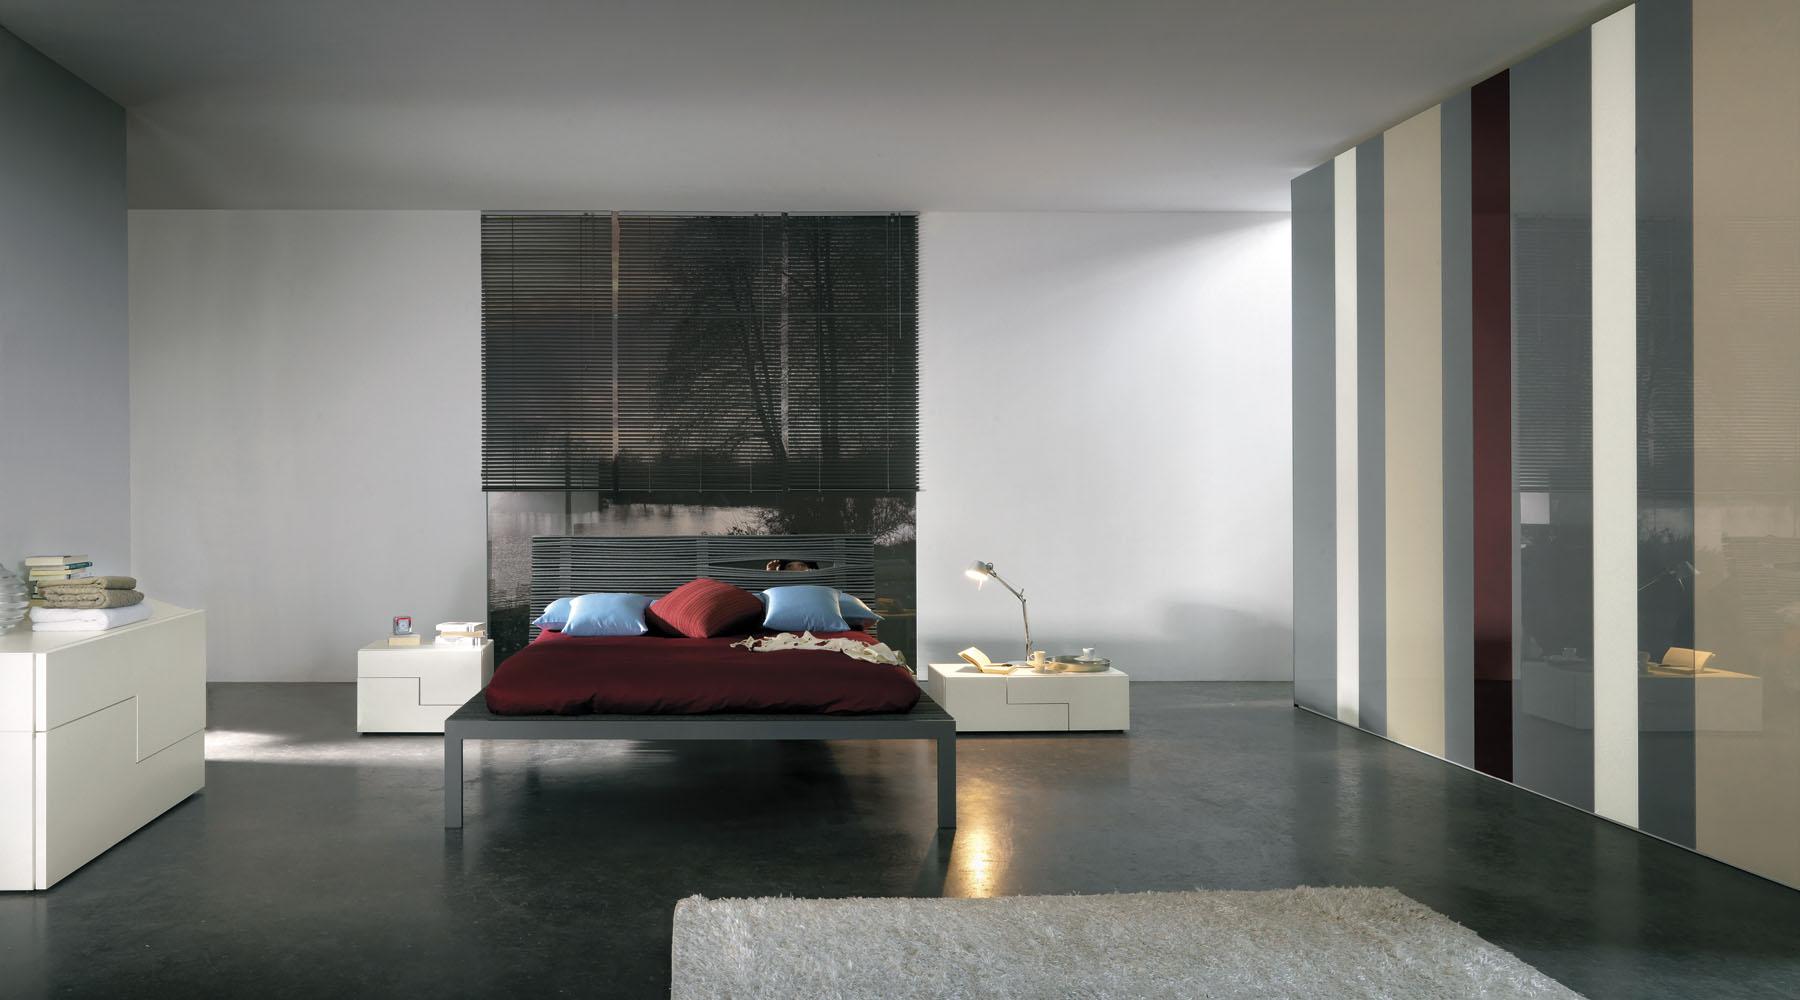 Letto bambini design camera da letto bambini with letto - Camere bambini design ...